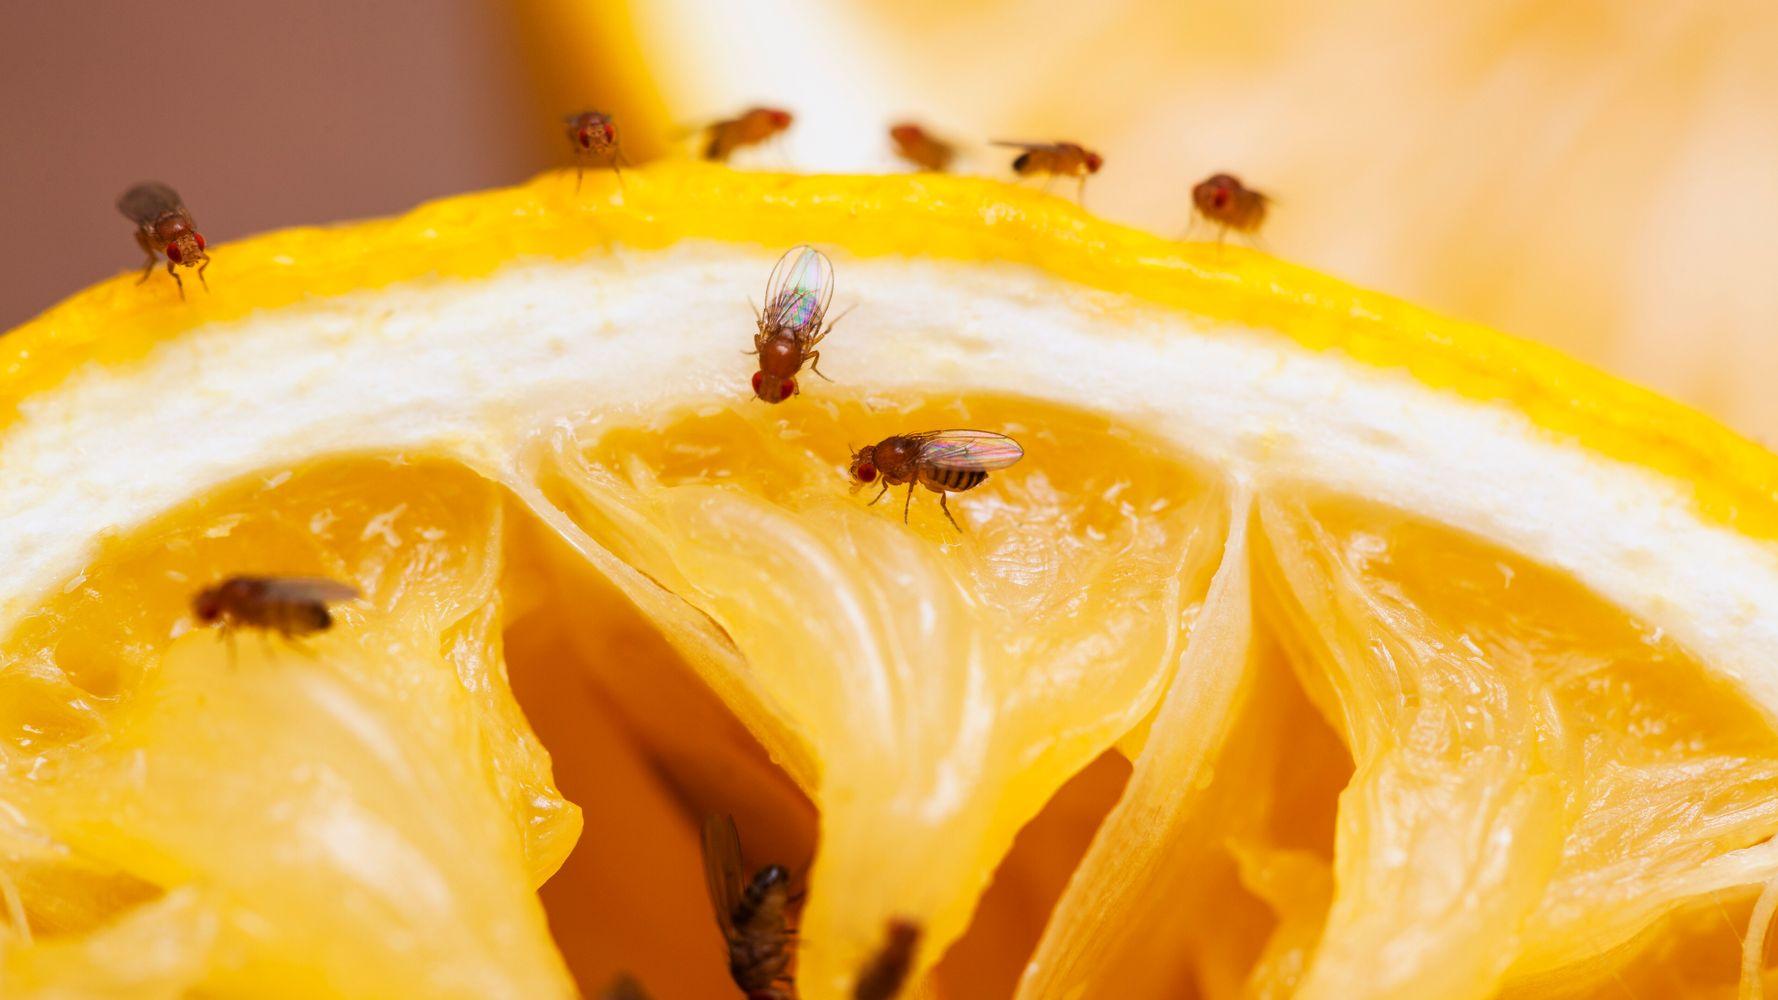 Probleme De Moucheron Dans La Cuisine comment se débarrasser des maudites mouches à fruits